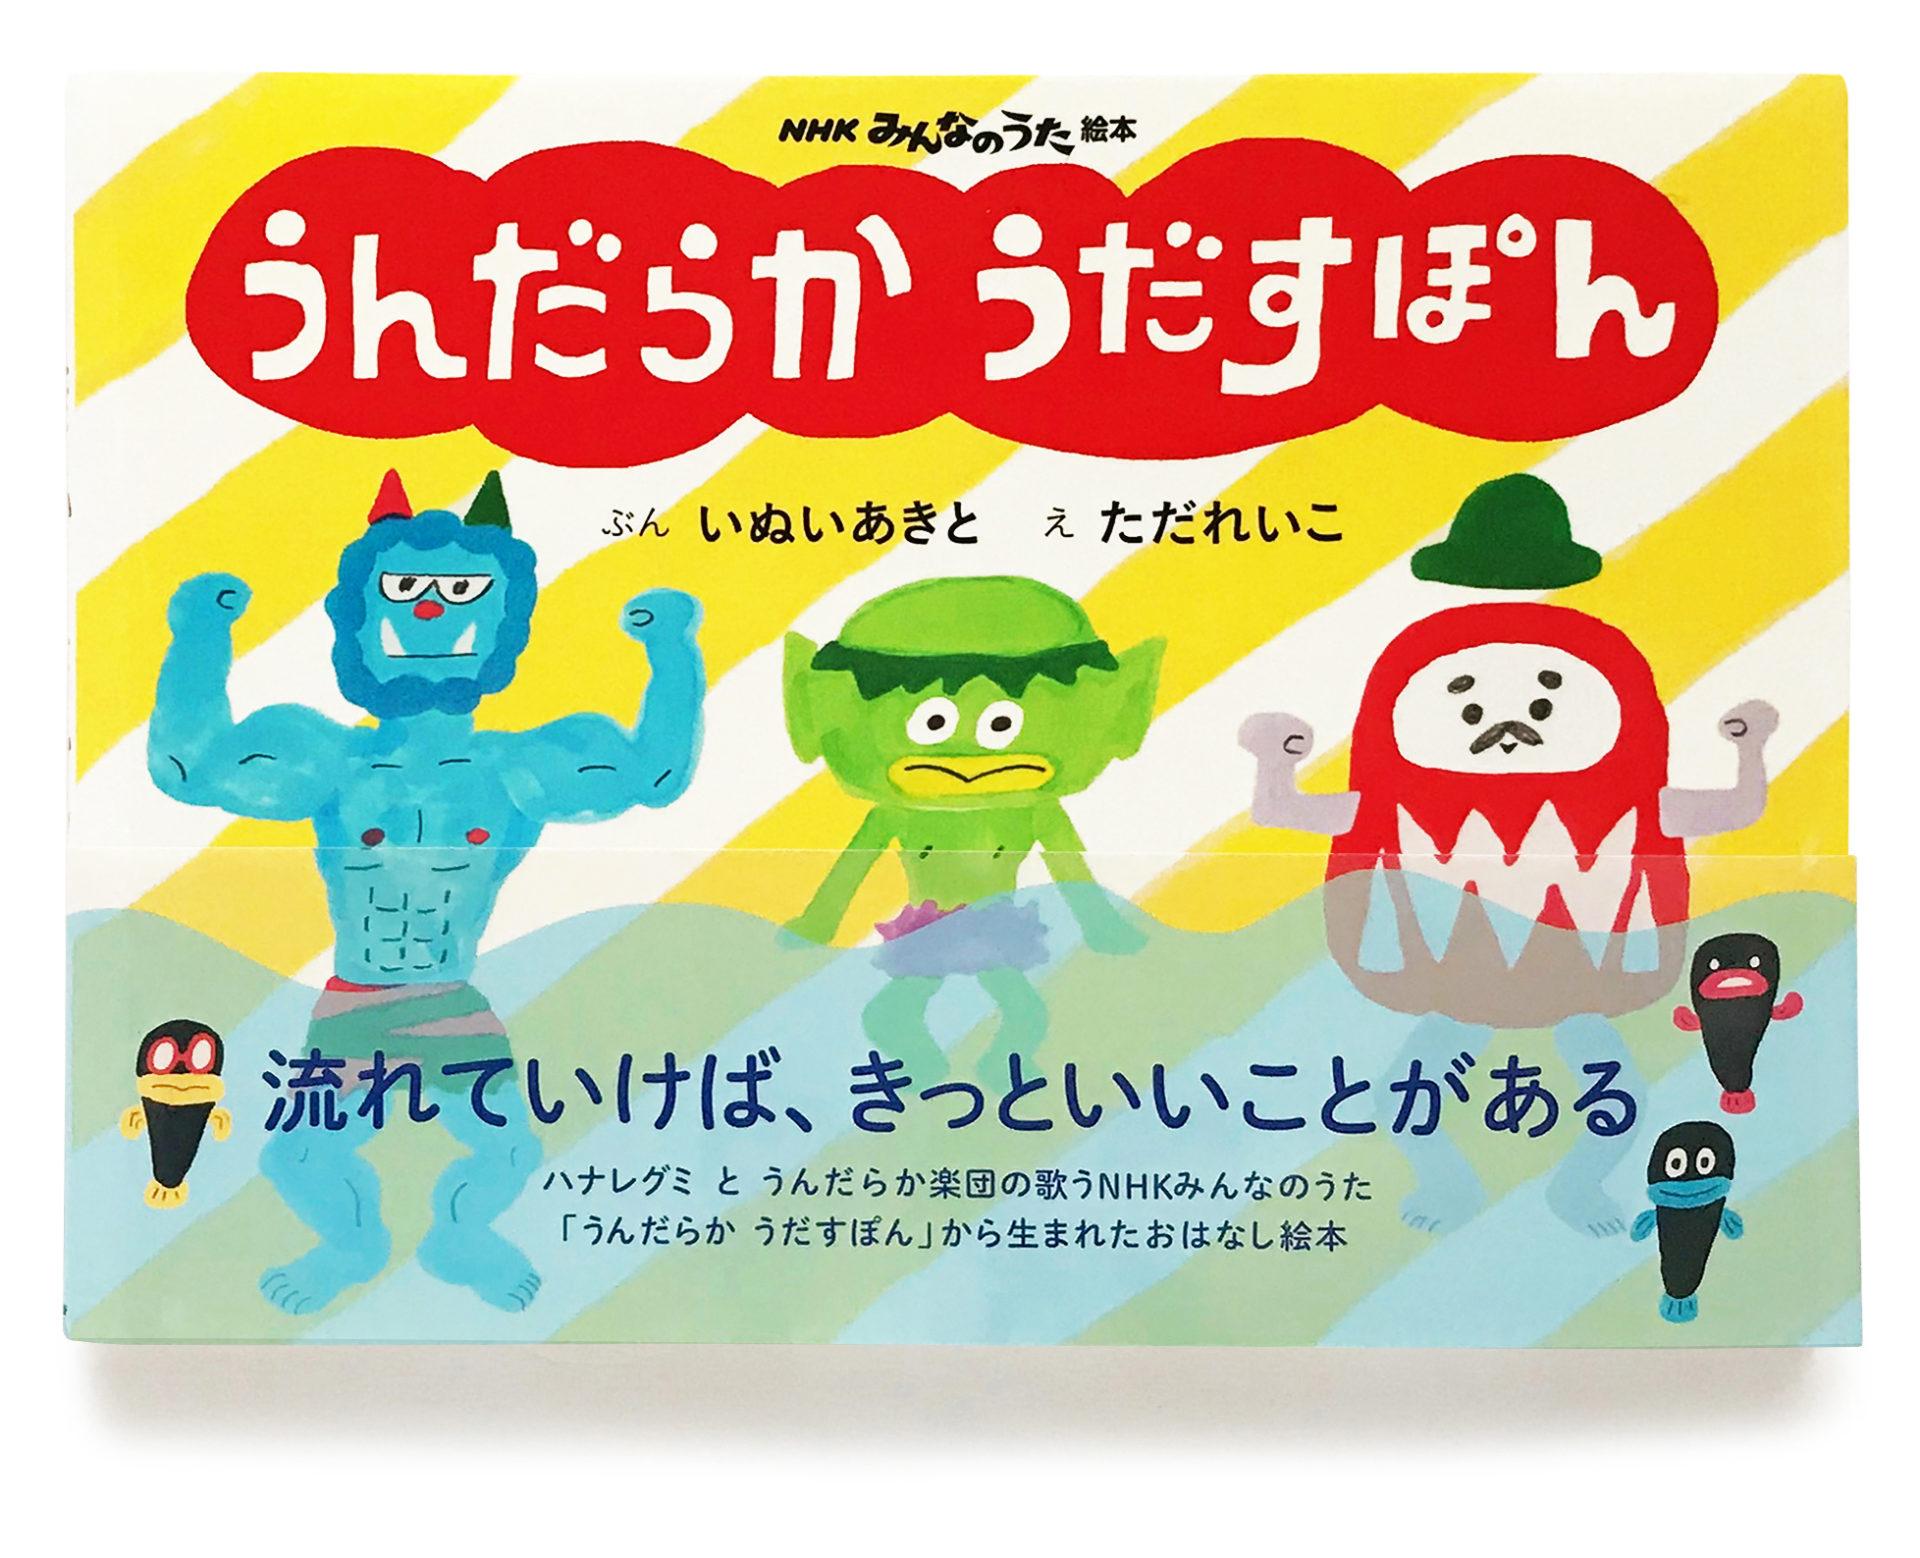 NHK みんなのうた絵本 『うんだらか うだすぽん』